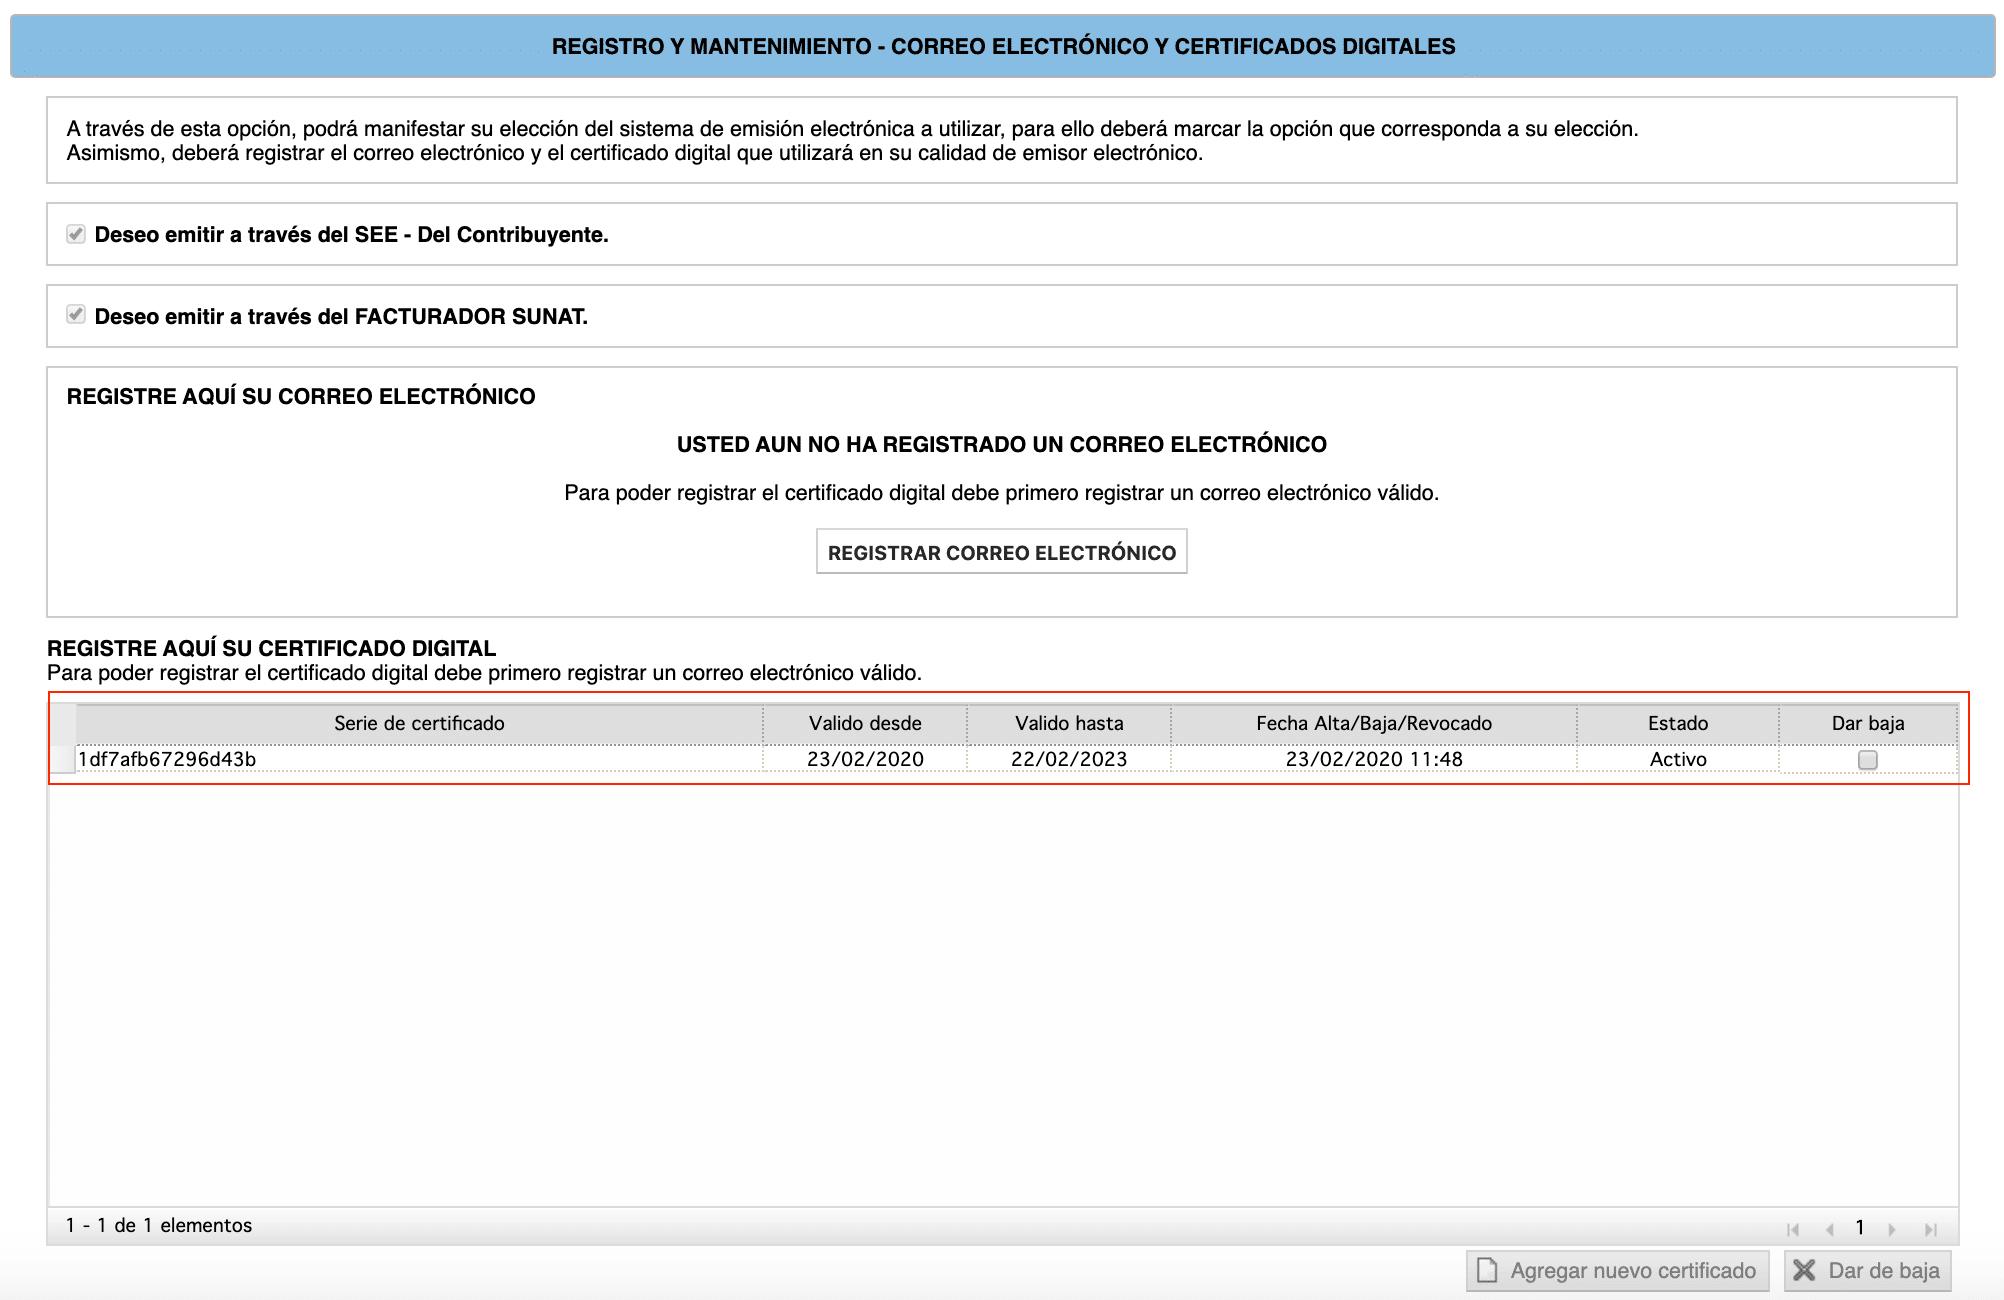 Registro del Certificado Digital